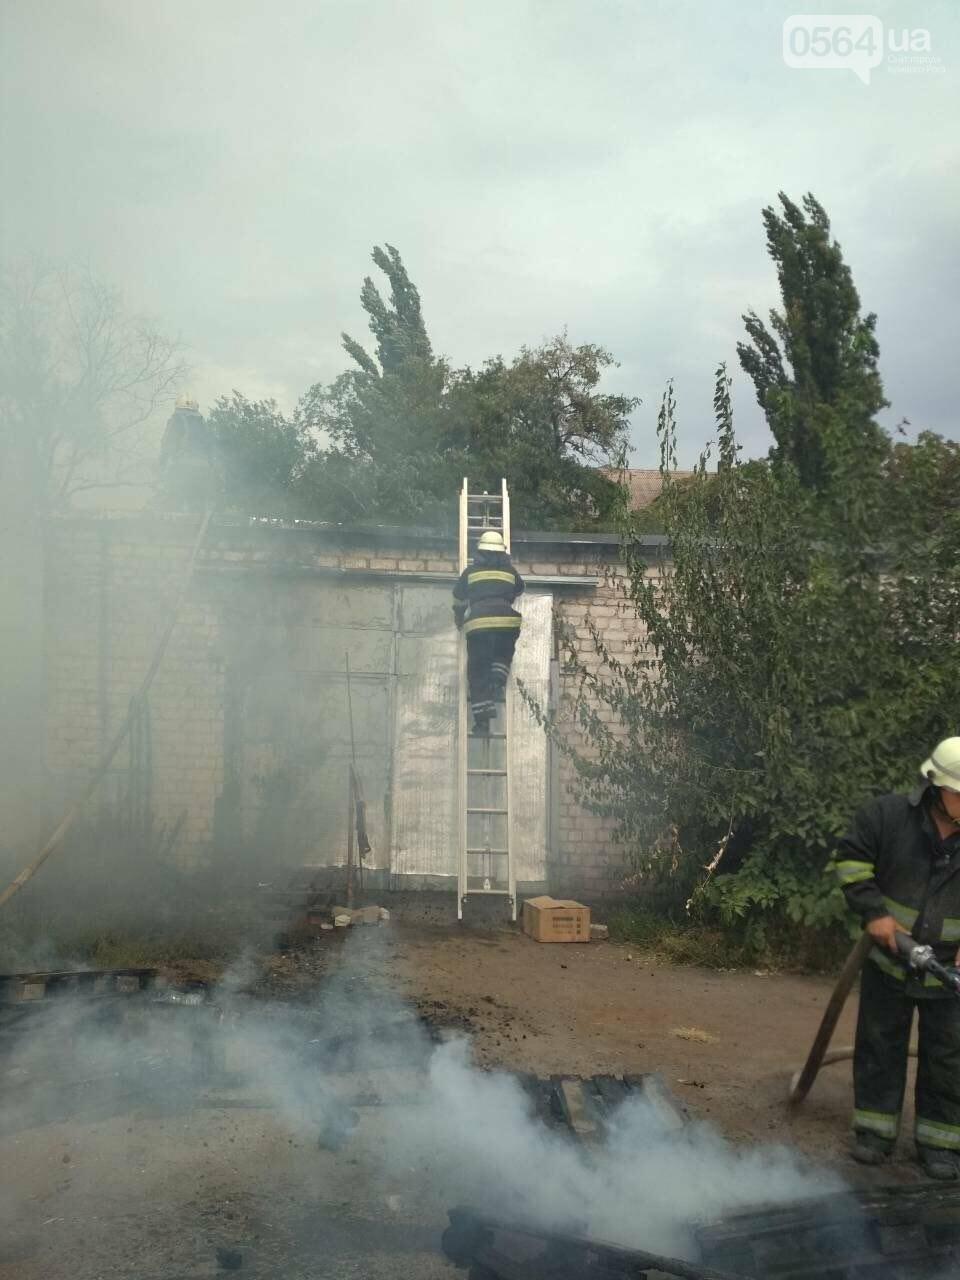 В Кривом Роге масштабный пожар: горели брошенные сараи, - ФОТО, ВИДЕО, фото-7